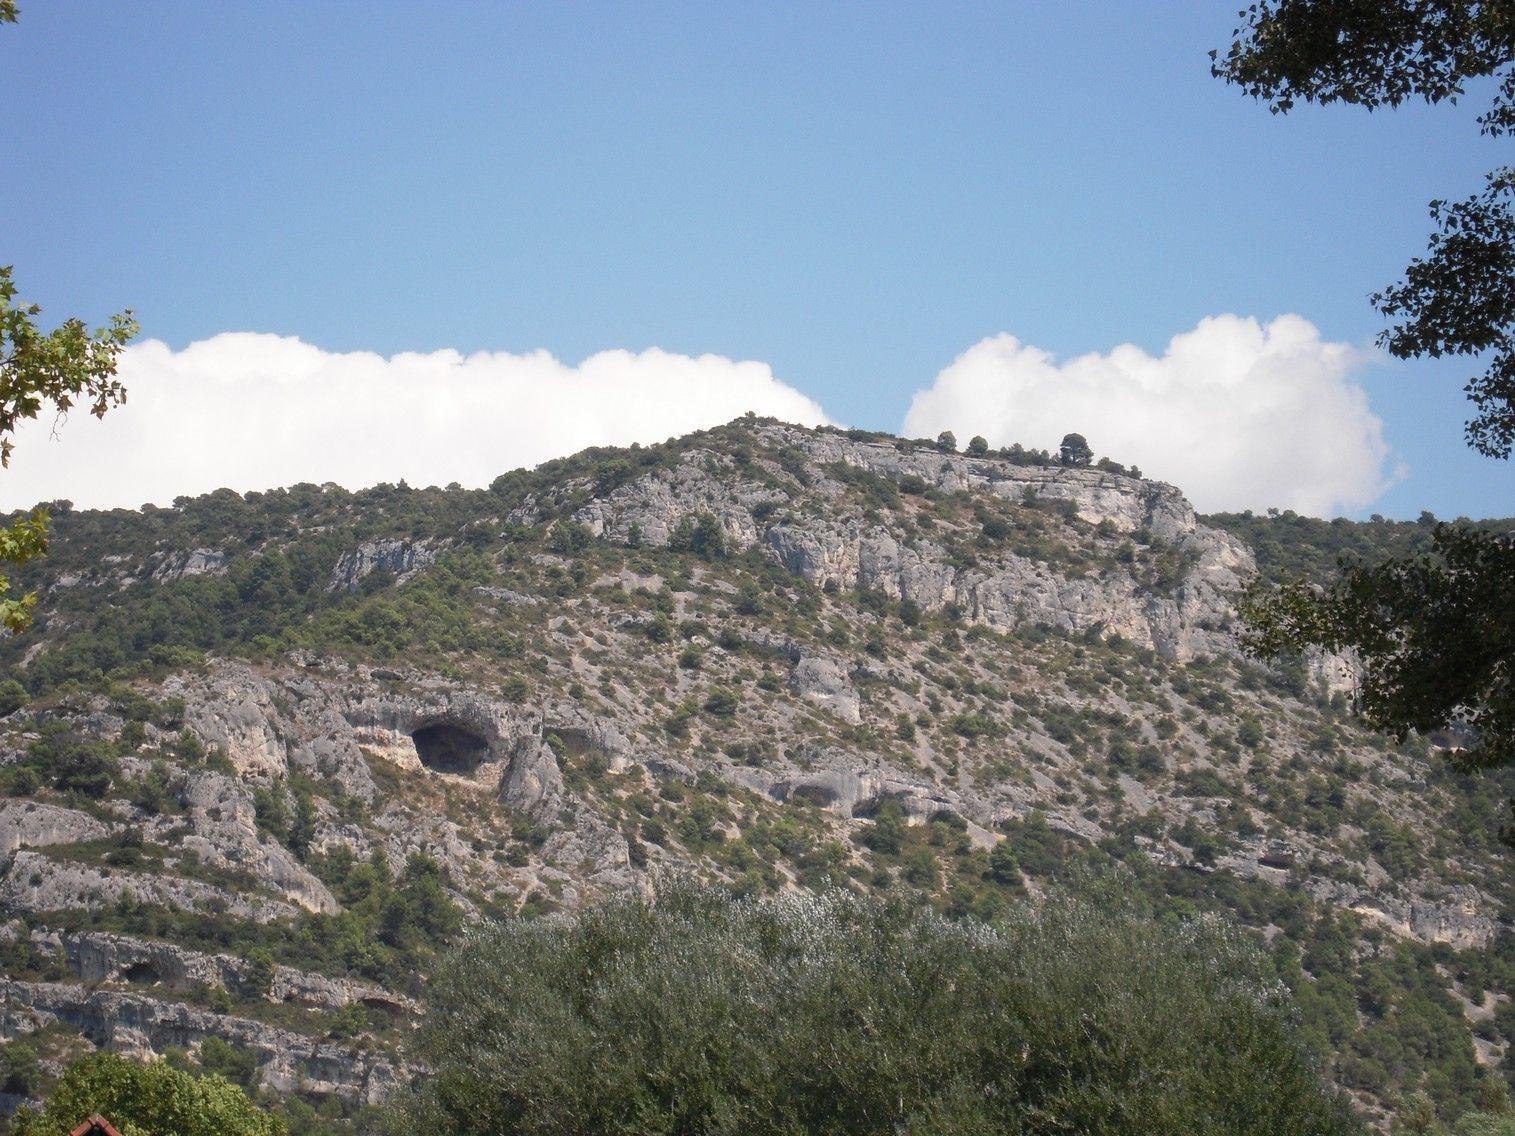 En plein centre une grotte qui perse la montagne de part for Distri center la montagne